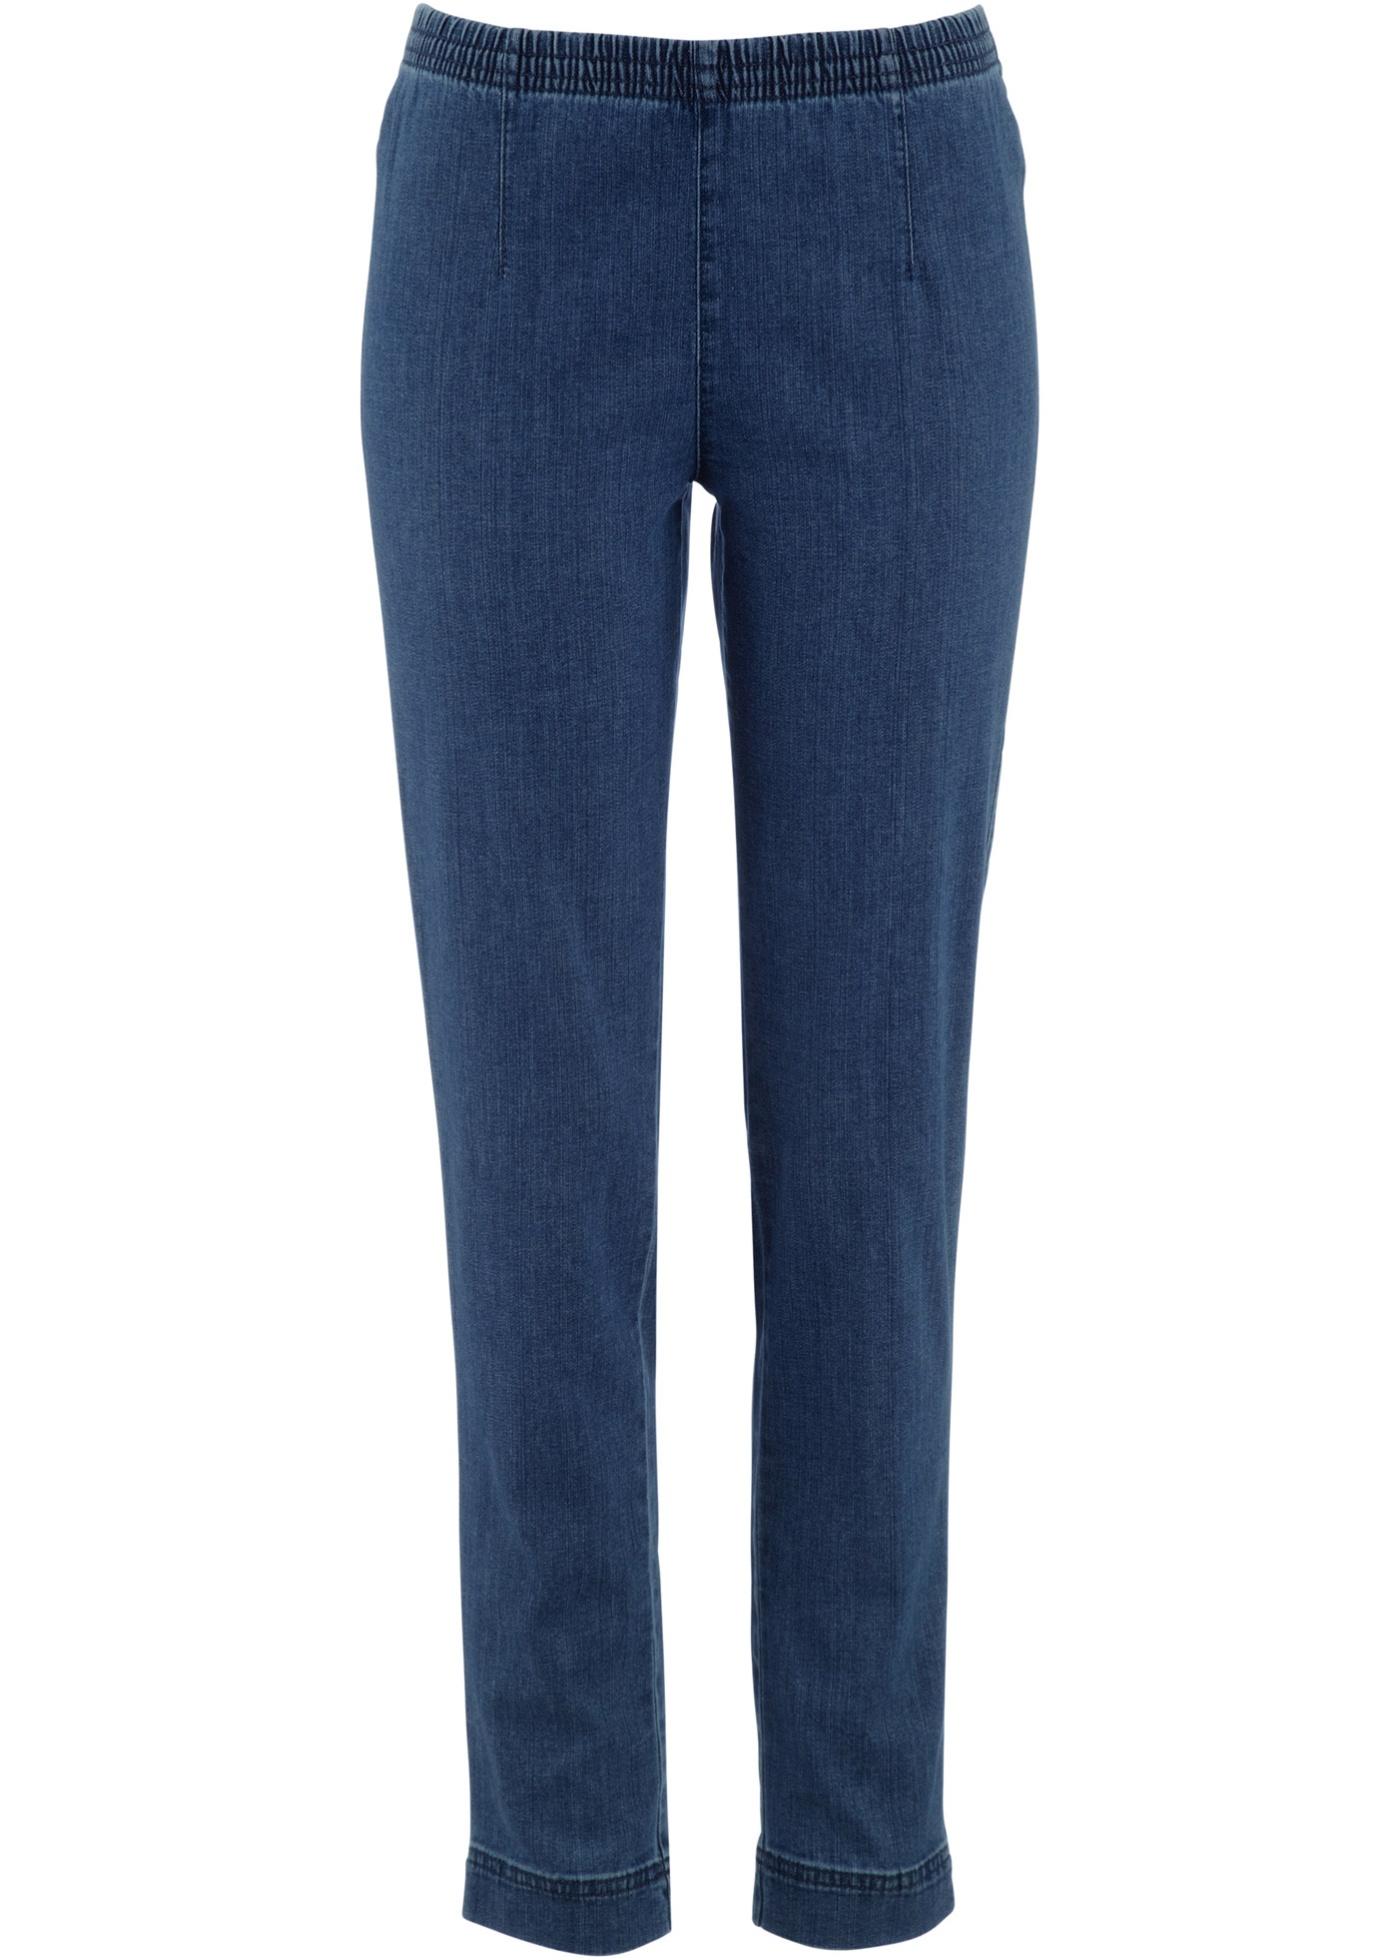 Legging en jean, T.N.